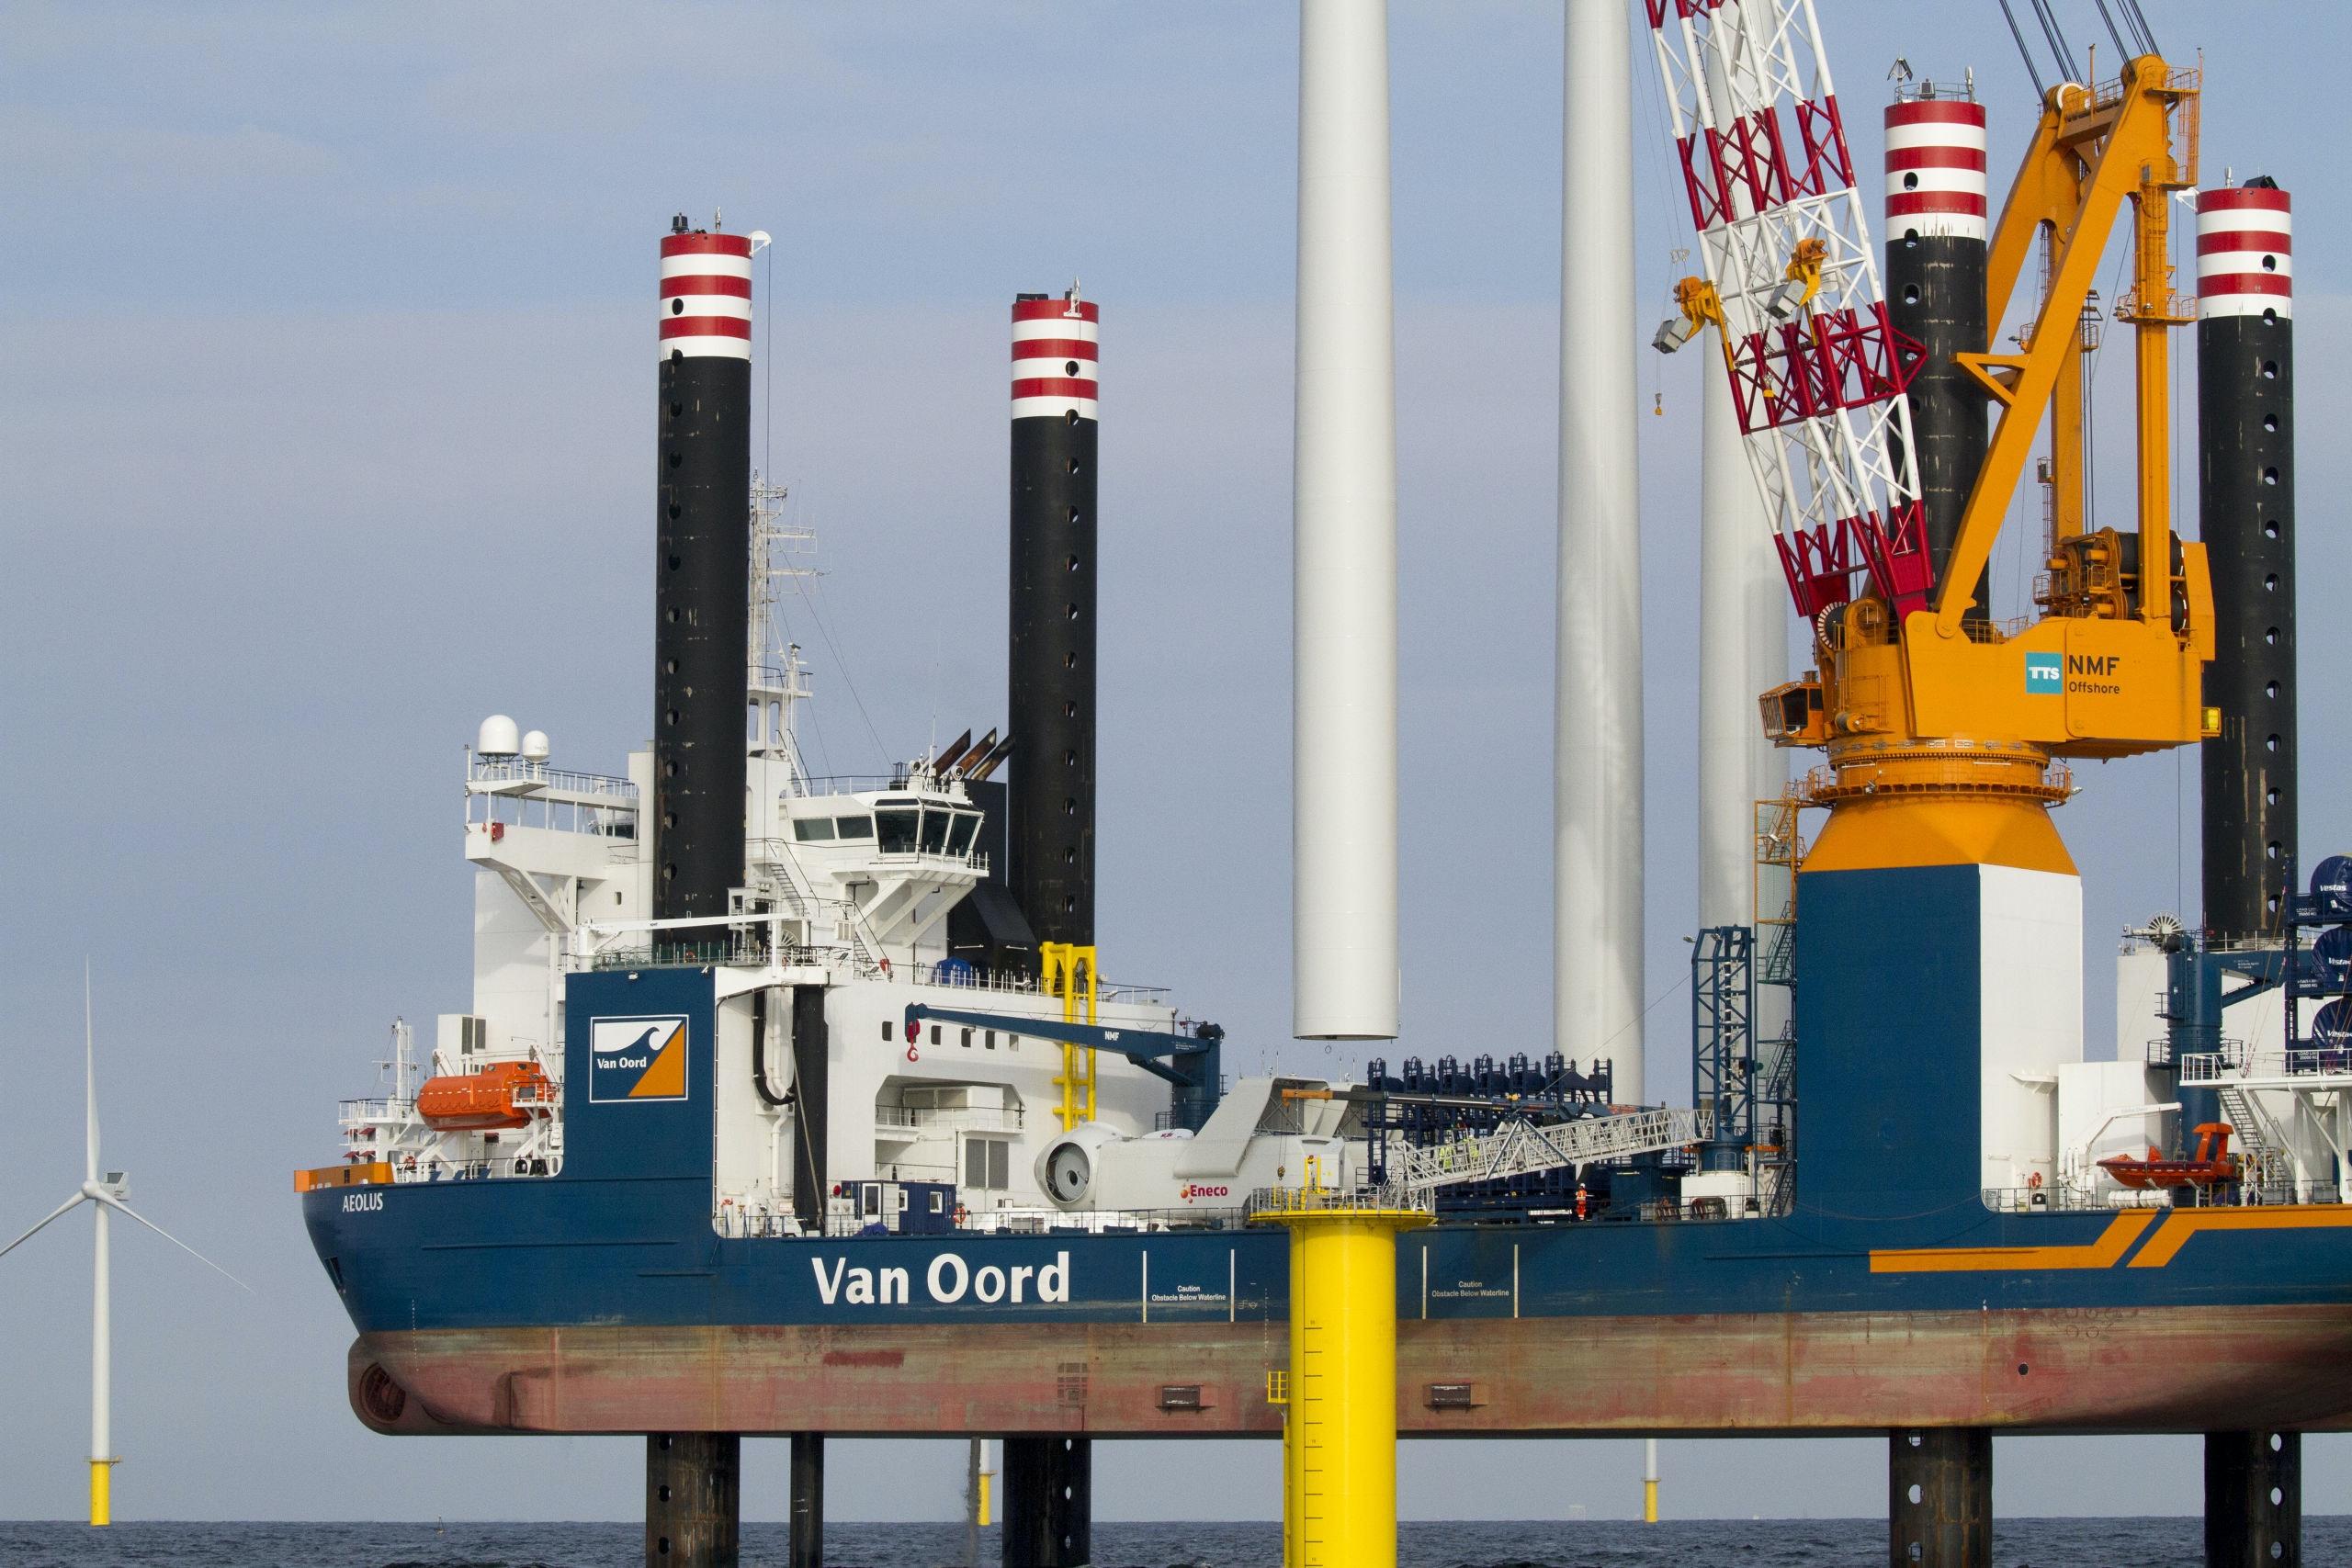 Nederland , The Netherlands septmeber 2015 Bouw van het offshore windmolenpark Luchterduinen in zee. Construction of windmills, tubines,windturbines in the North Sea. Foto: Bert Spiertz